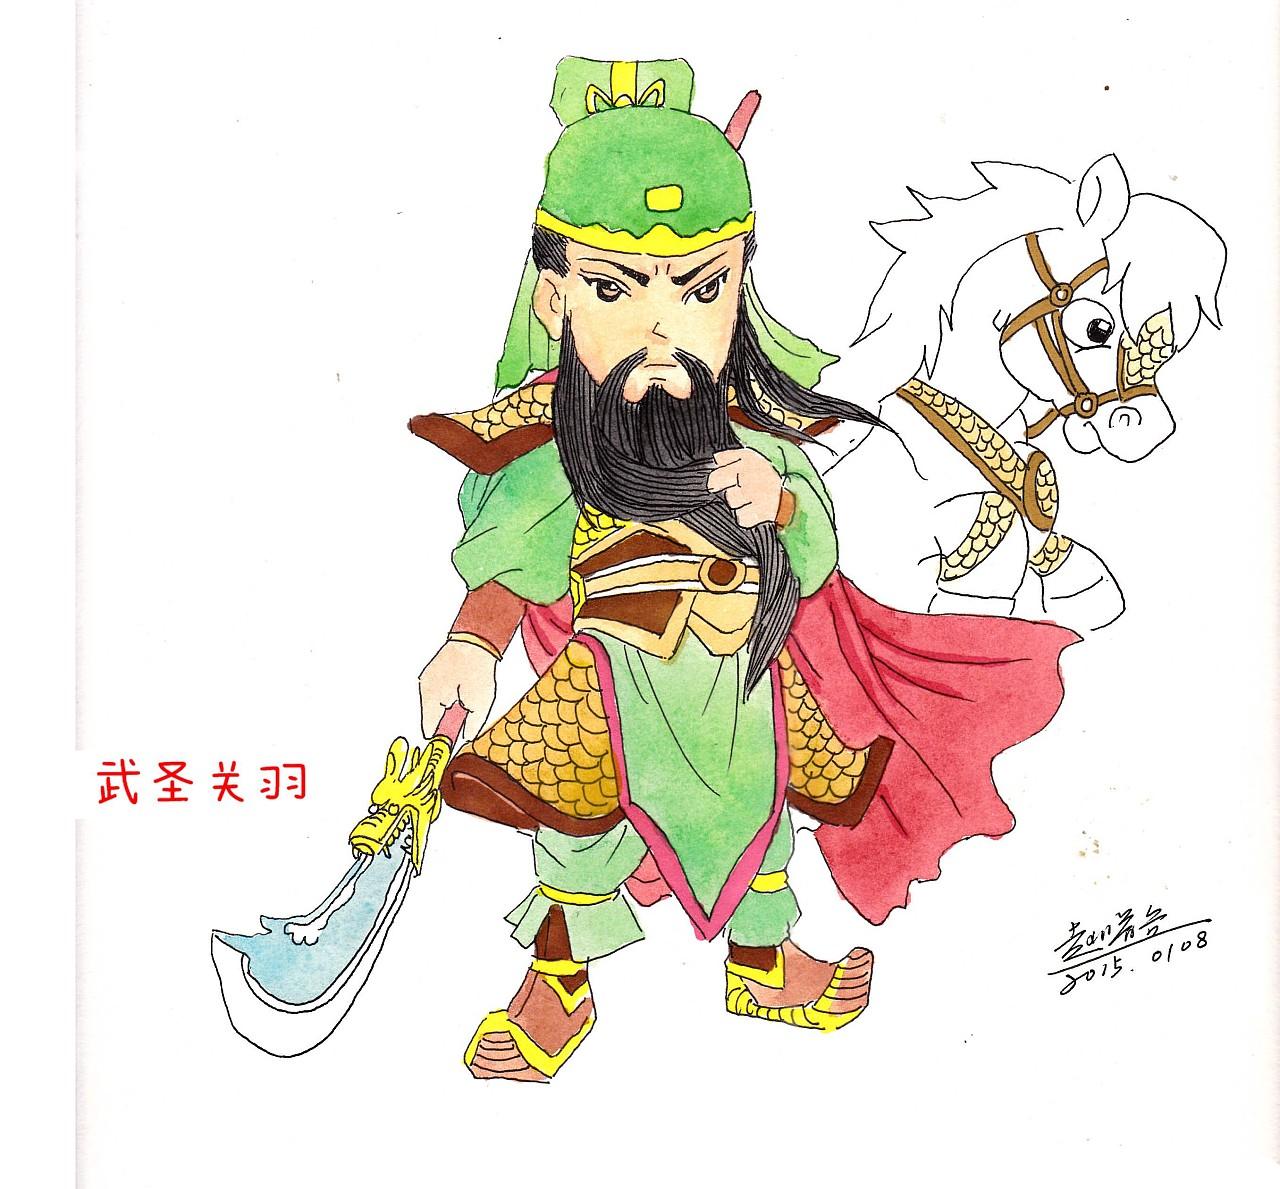 中国漫画动漫漫画|宿舍|圣人传统|zhaoshuhe12漫画肖像v漫画a漫画图片